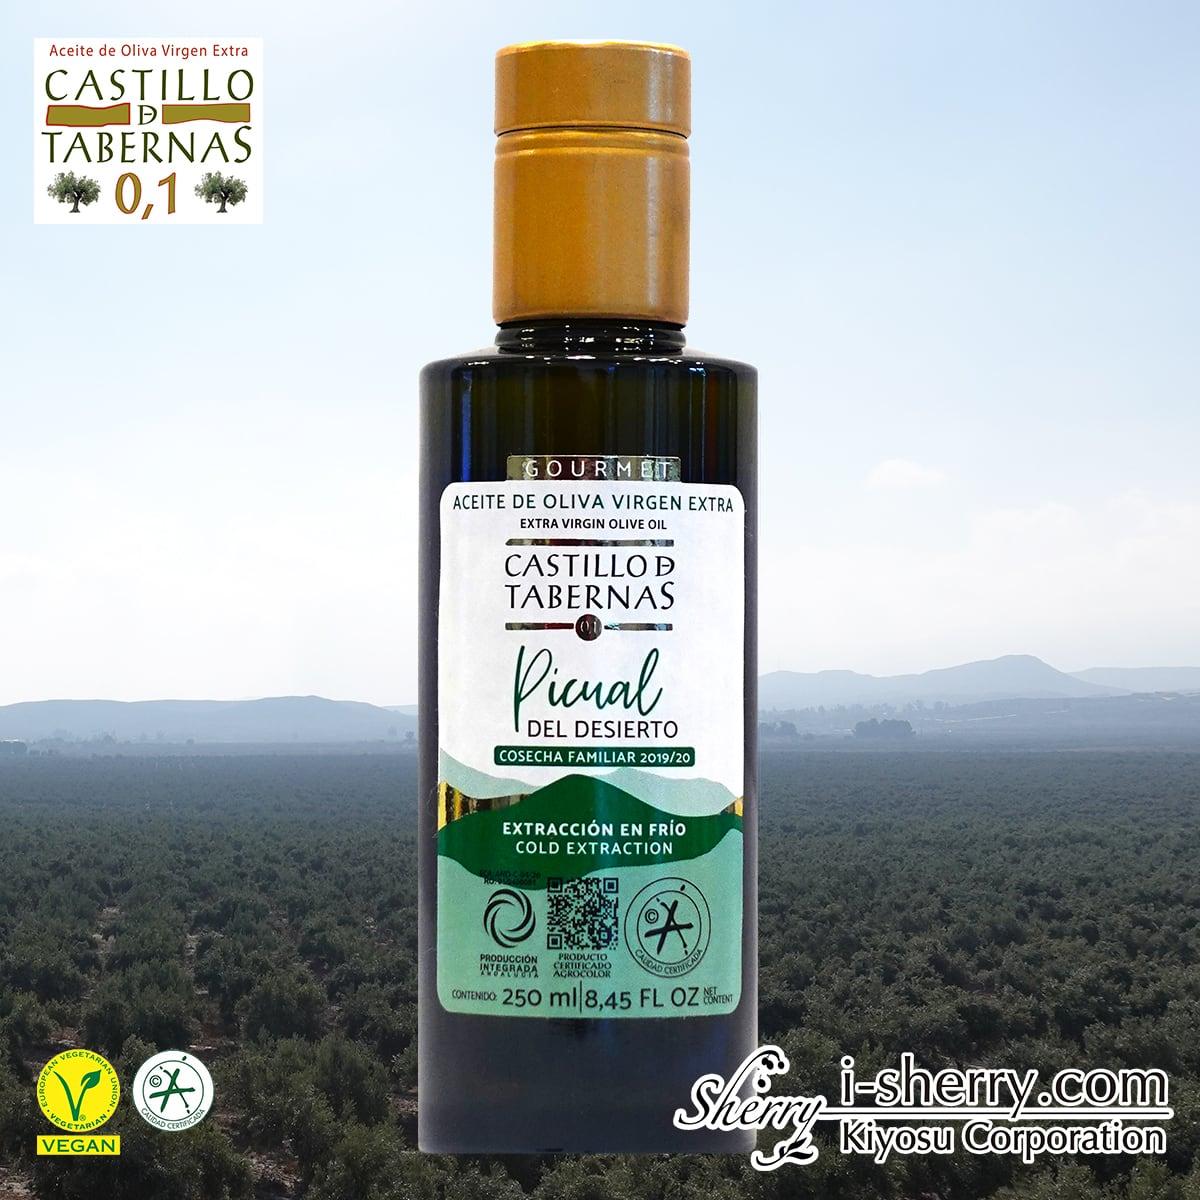 カスティージョ・デ・タベルナス0.1 ピクアル 250ml 酸度0.1 エクストラバージンオリーブオイル